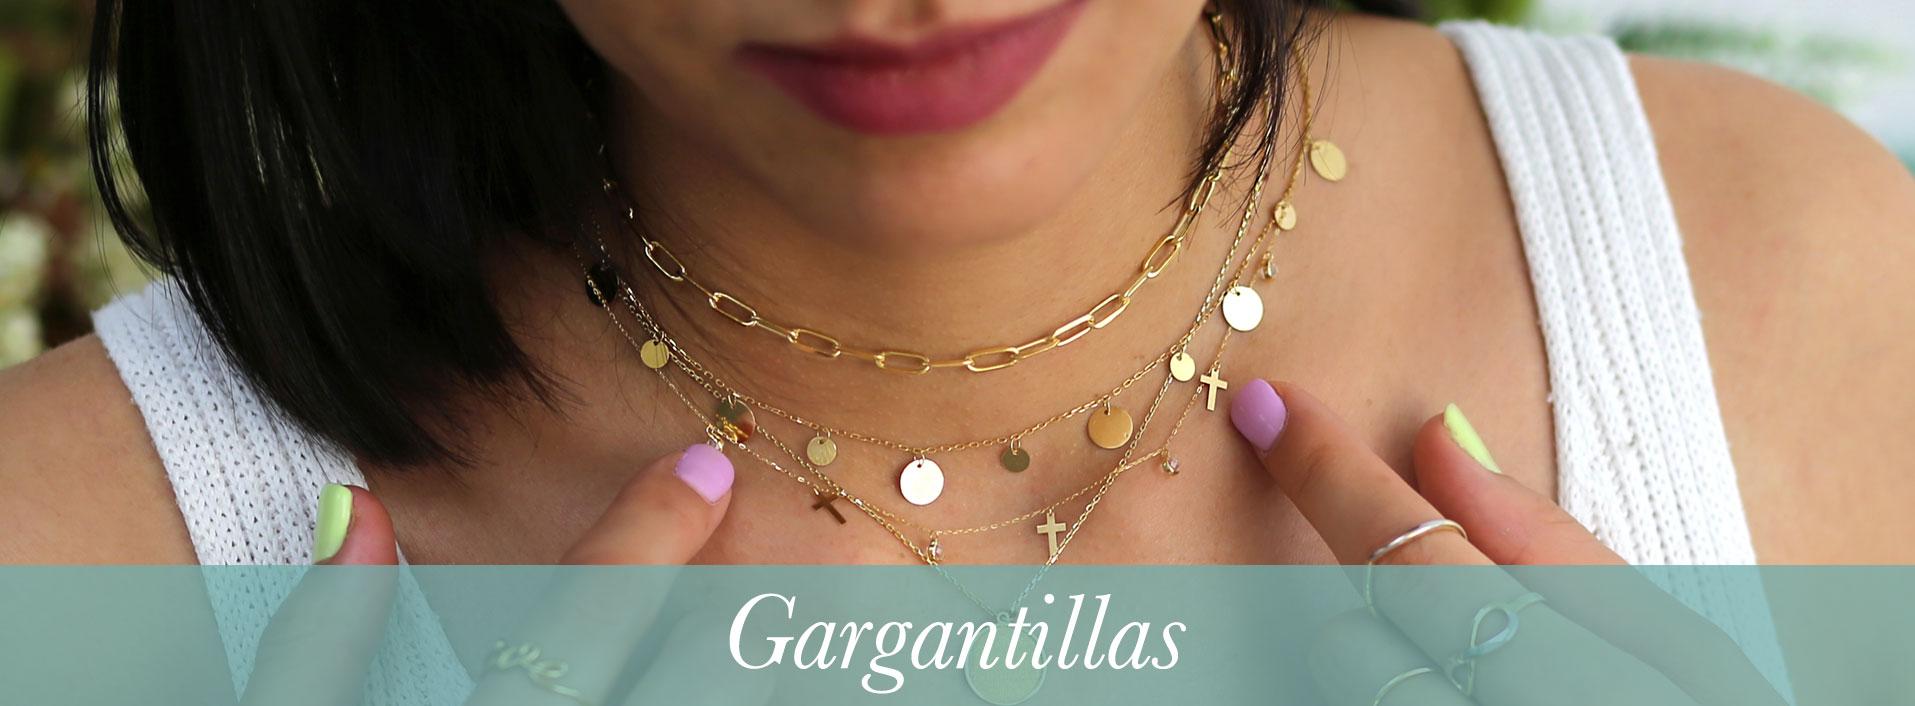 Gargantillas